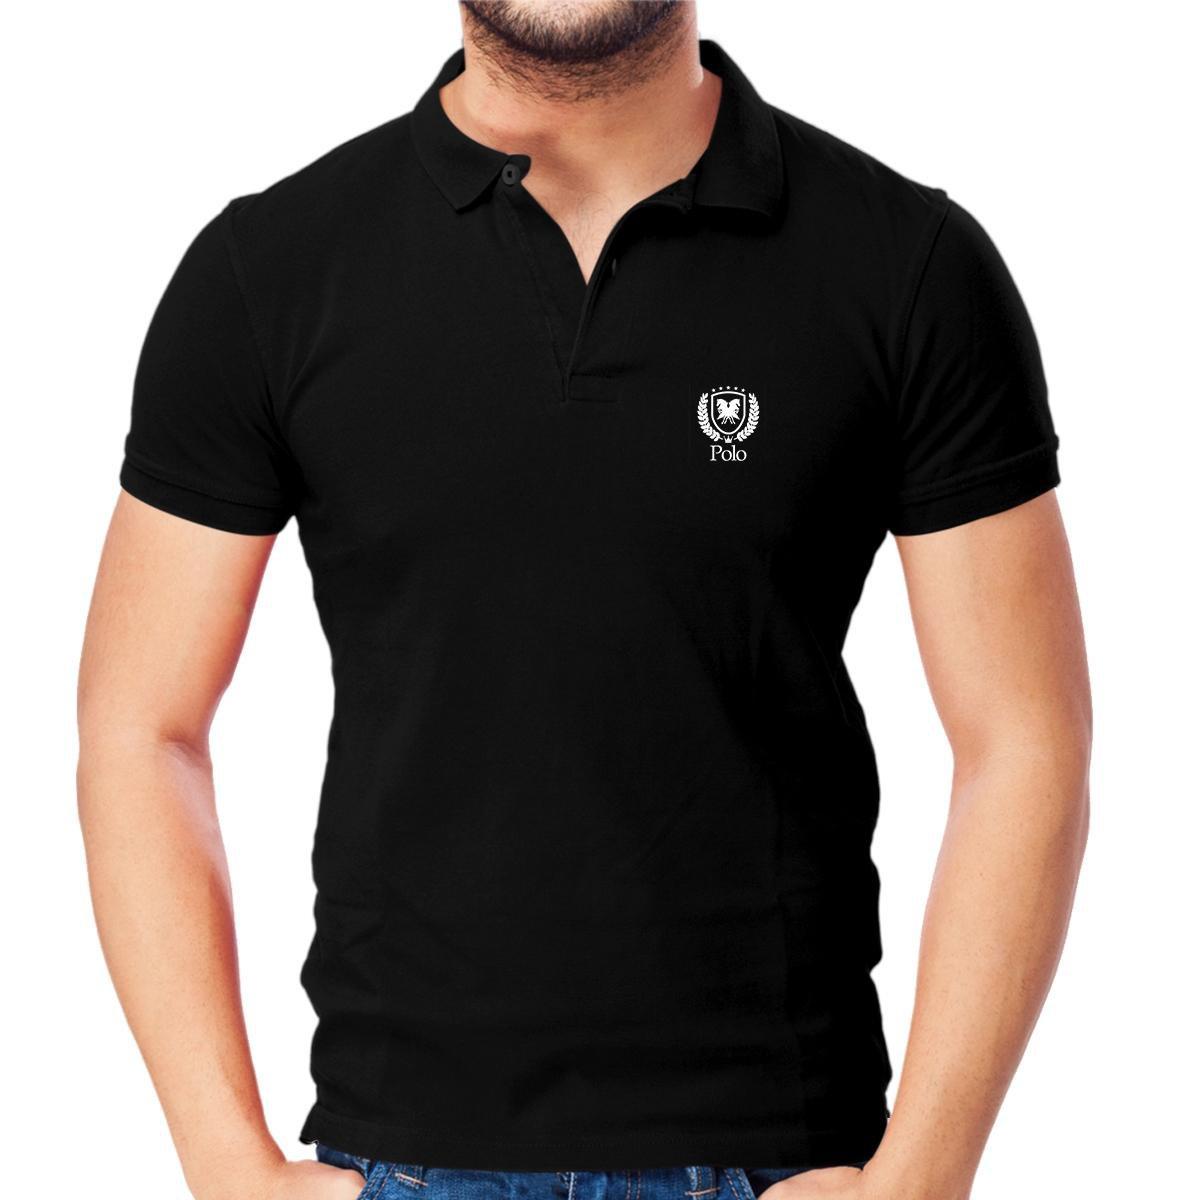 9a89bfe45 Camisa Polo Piquet Slim Fit Brasão Polo Match - Compre Agora